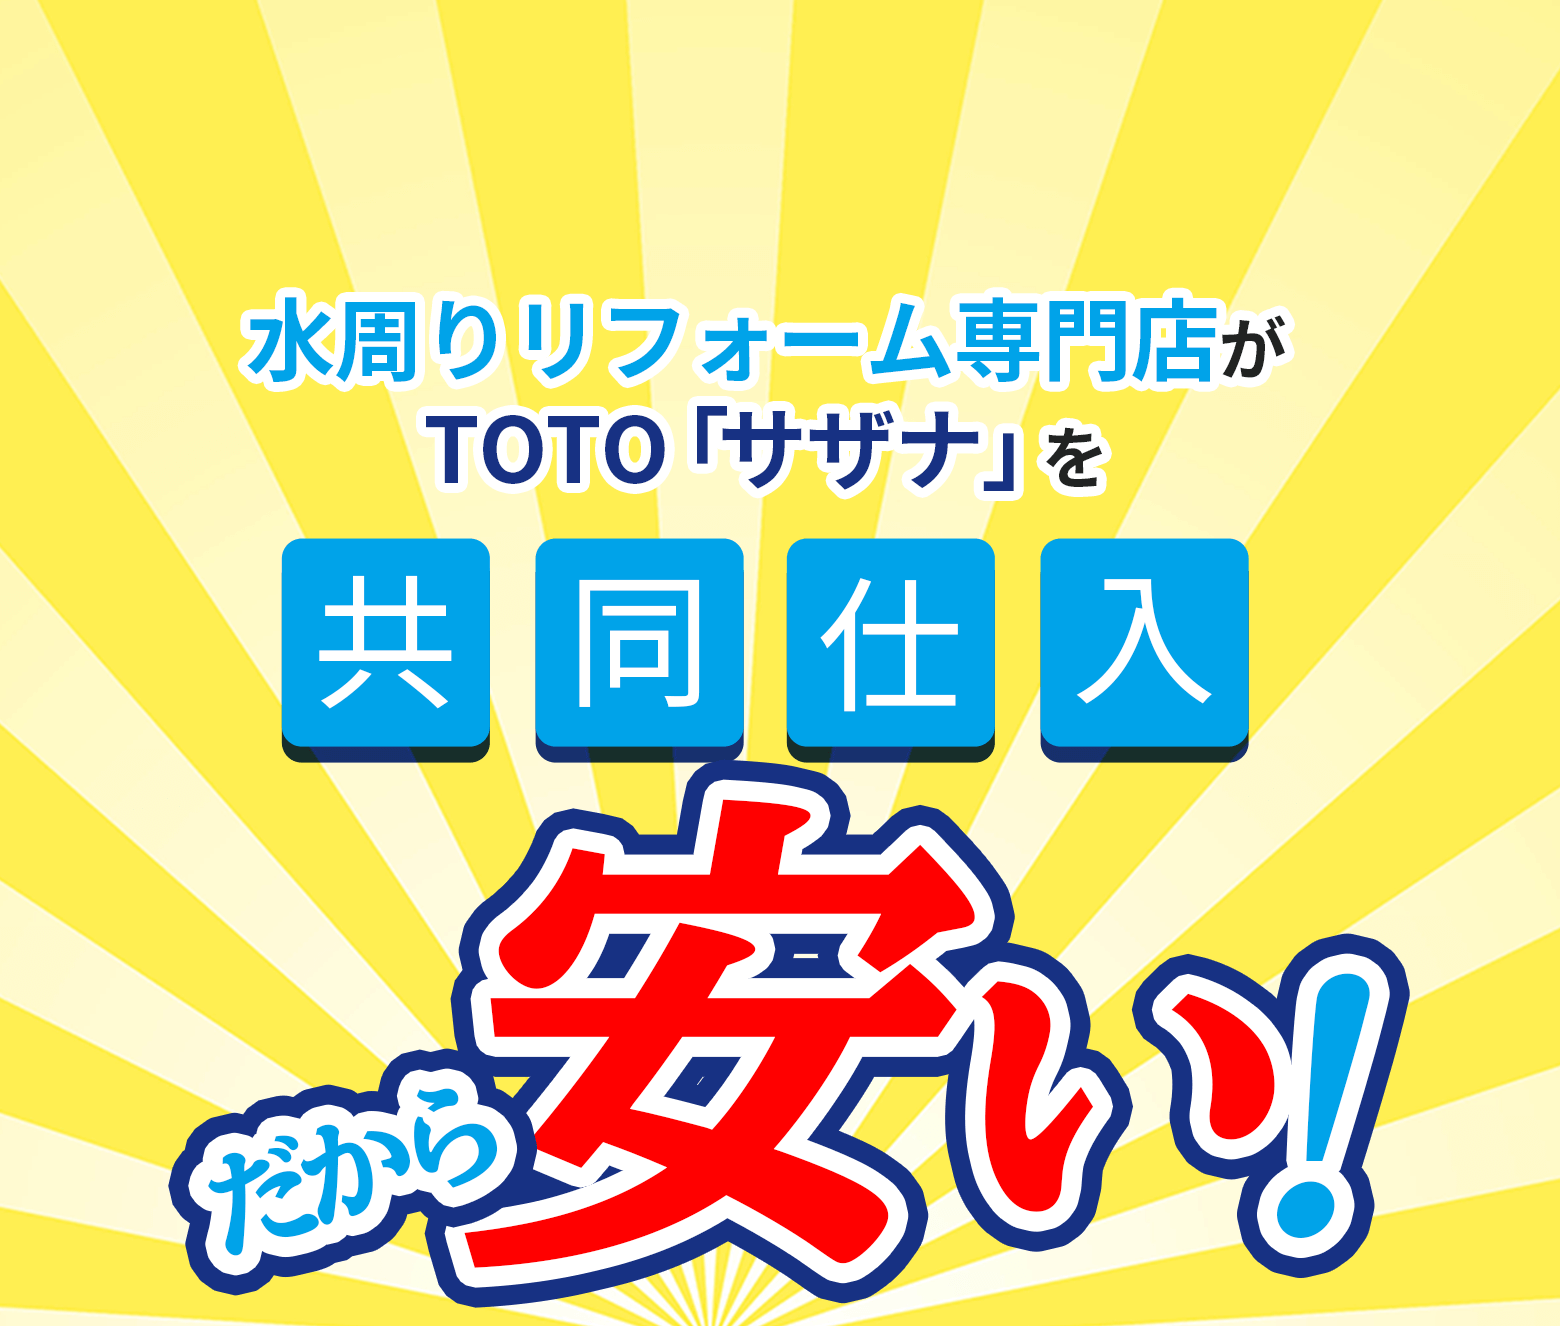 水周りリフォーム専門店がTOTO「サザナ」を共同仕入だから安い!